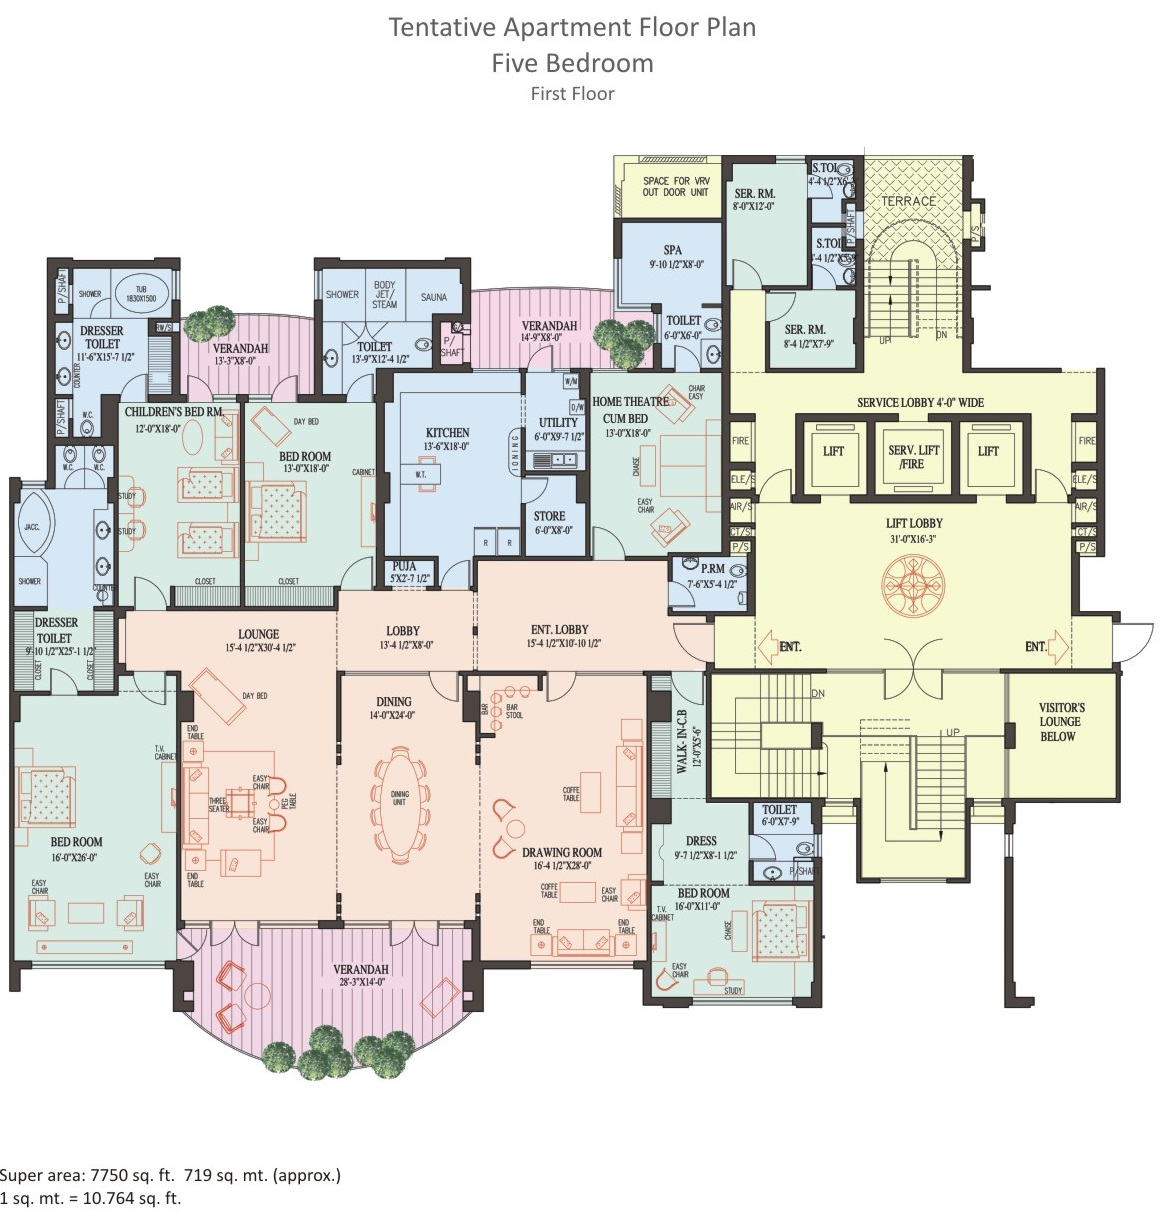 5 BHK Apartment - 1st Floor